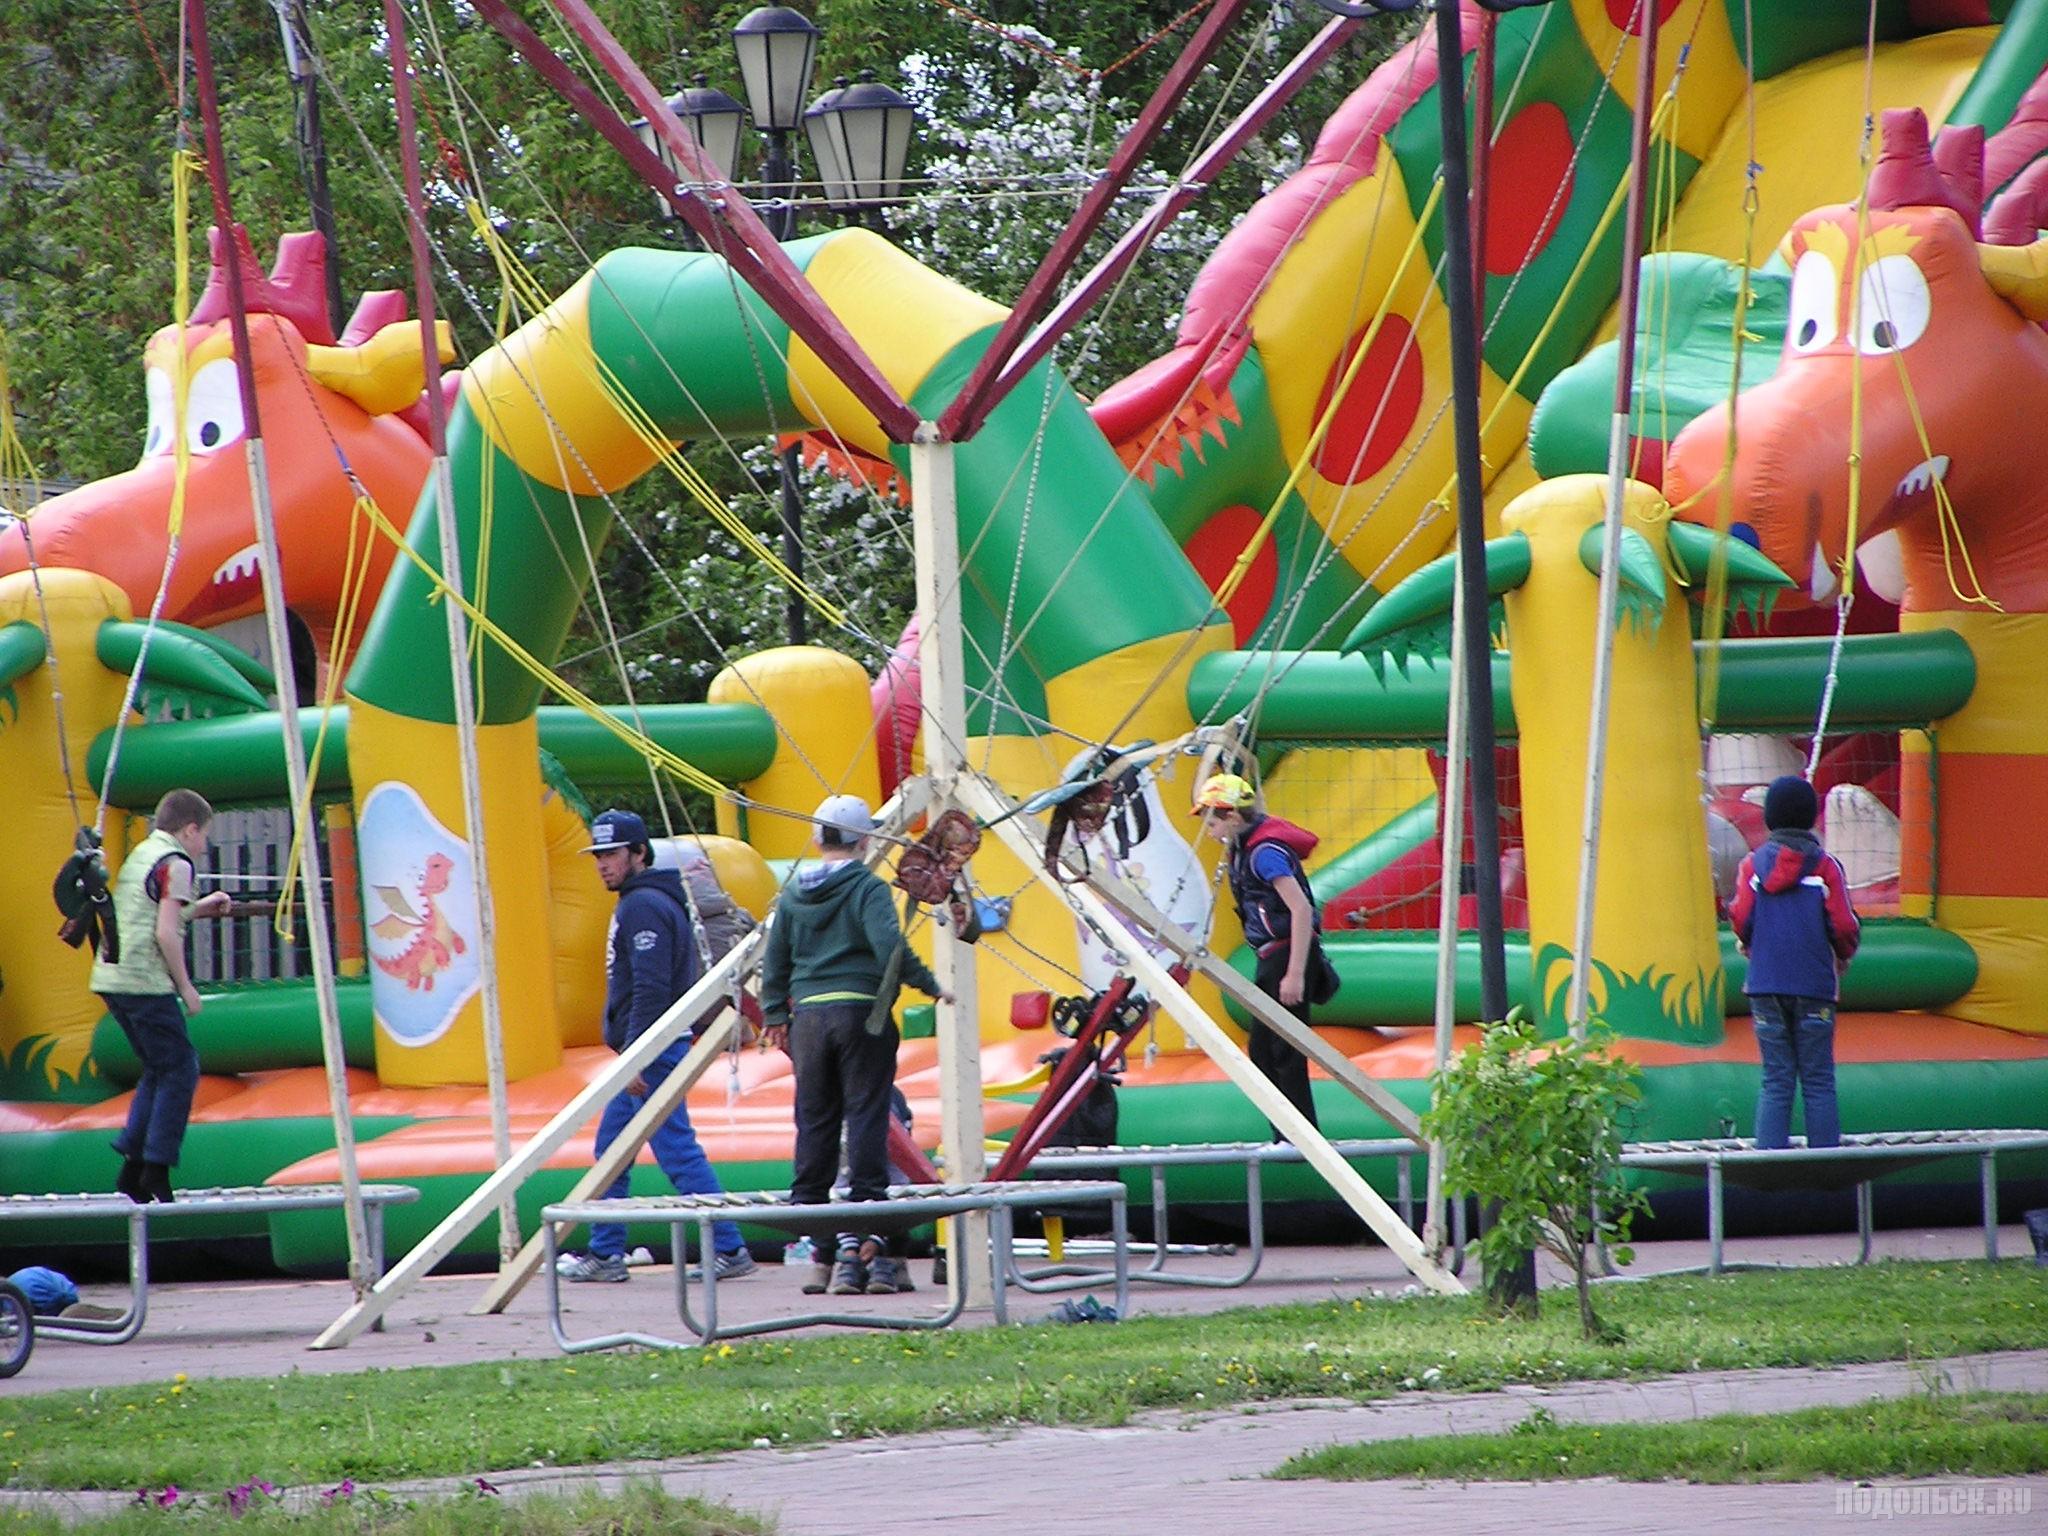 Аттракционы в Детском парке. 28 мая 2017.